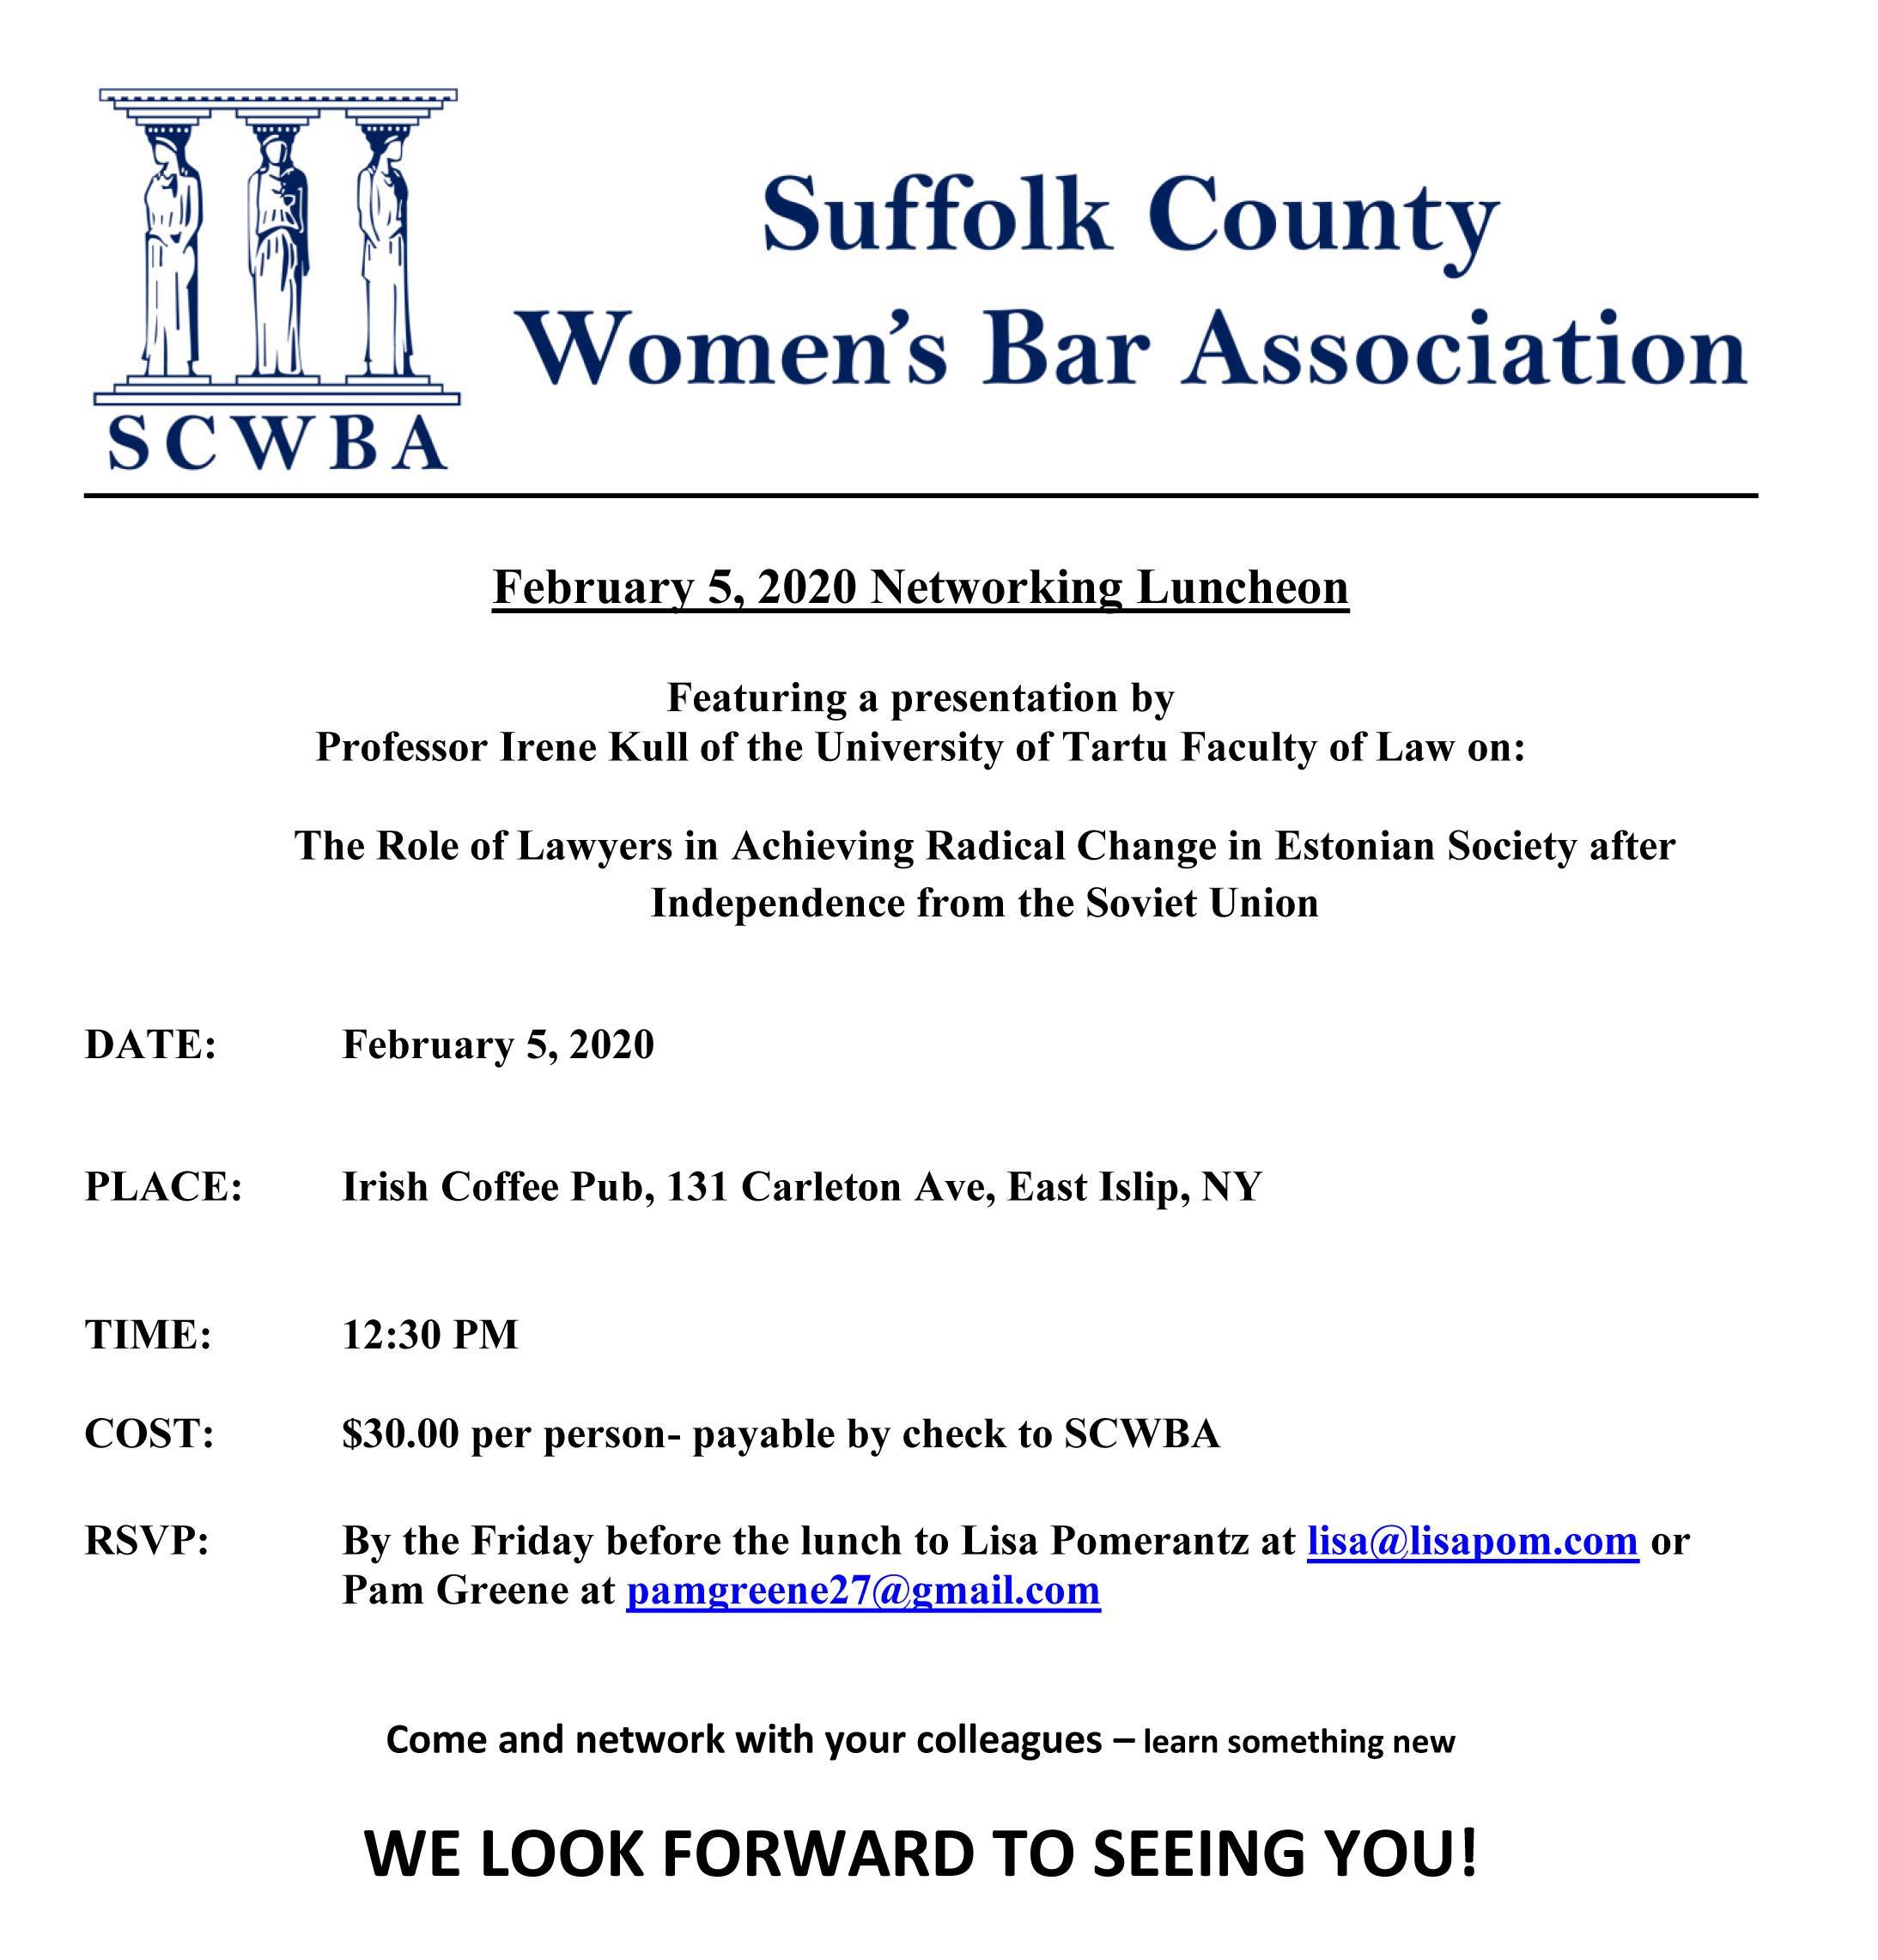 Suffolk County Women's Bar Association @ Suffolk County Women's Bar Association